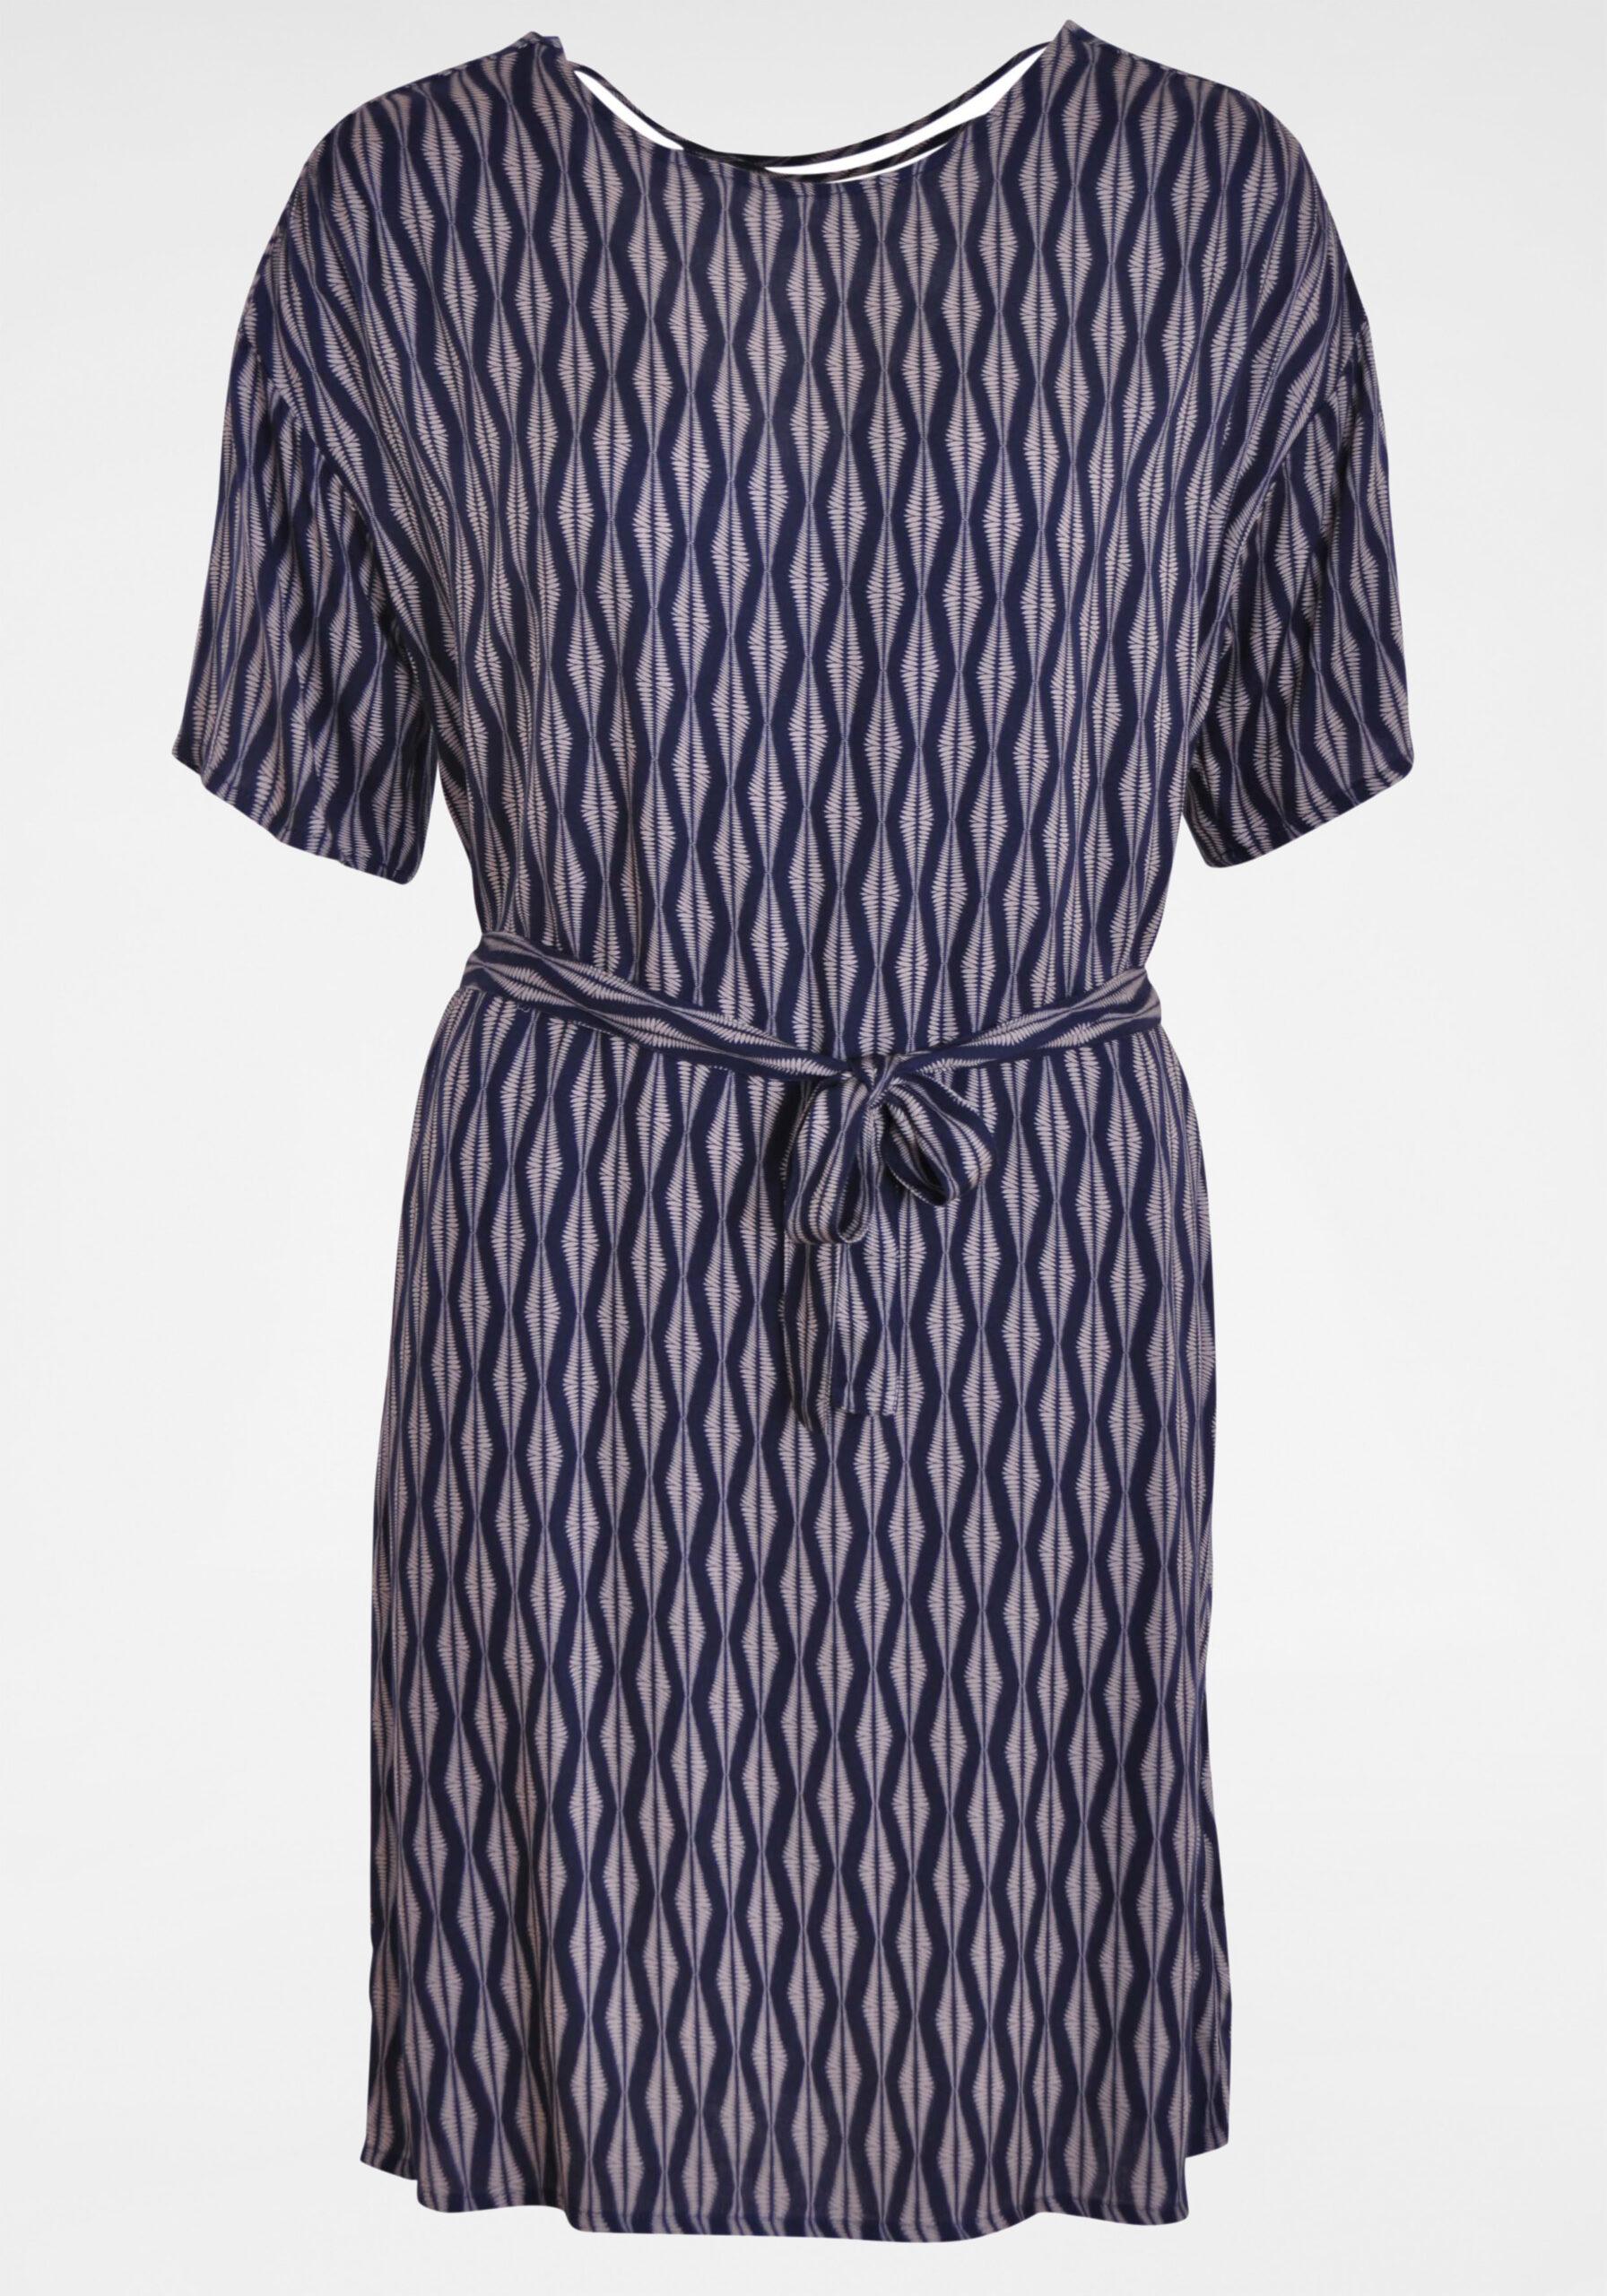 Damen Viskosekleid mit Klassik-Muster blau